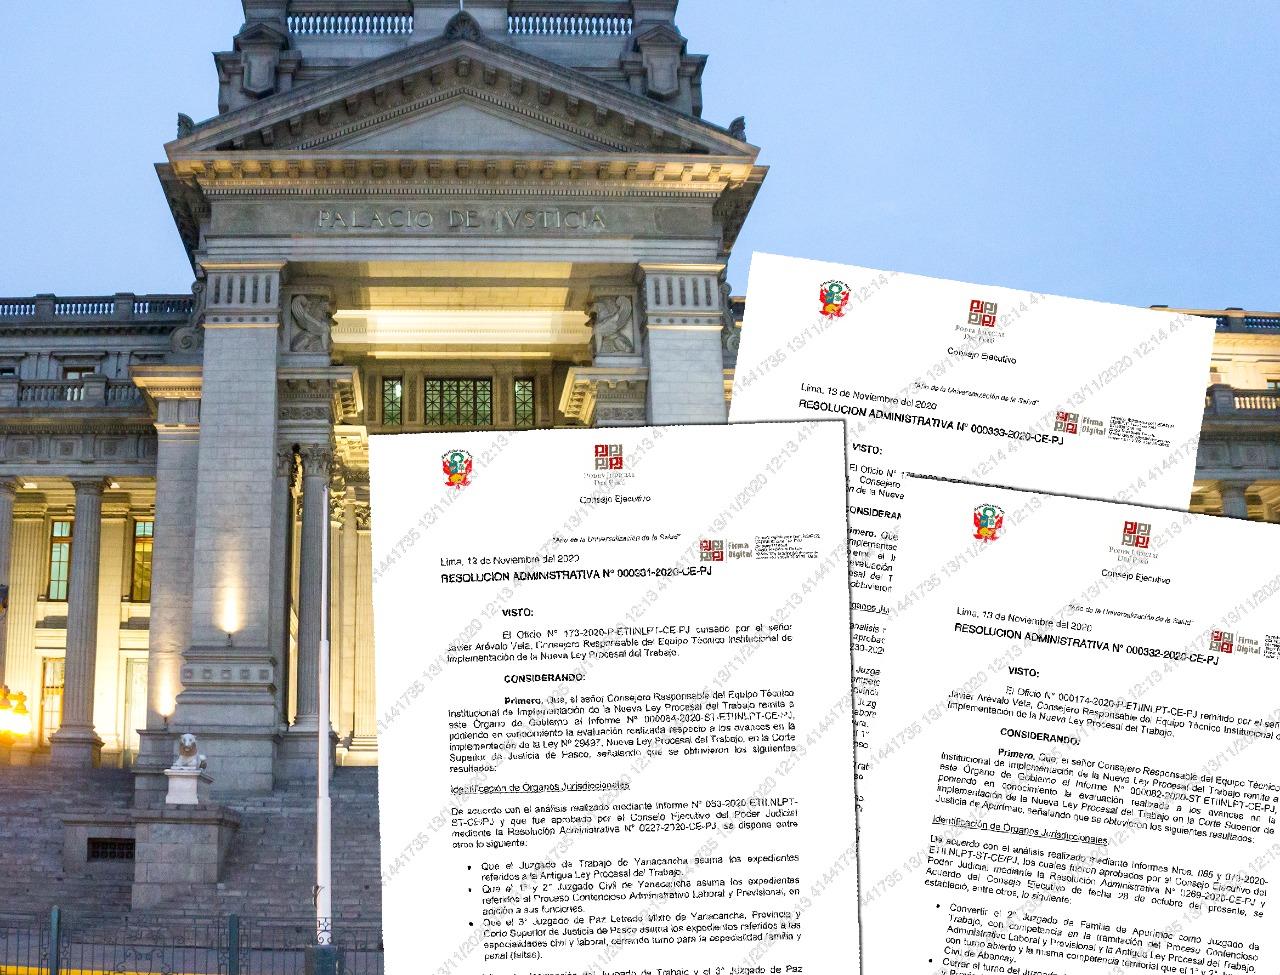 Poder Judicial implementará Nueva Ley Procesal de Trabajo en cortes de Huaura, Apurímac y Pasco